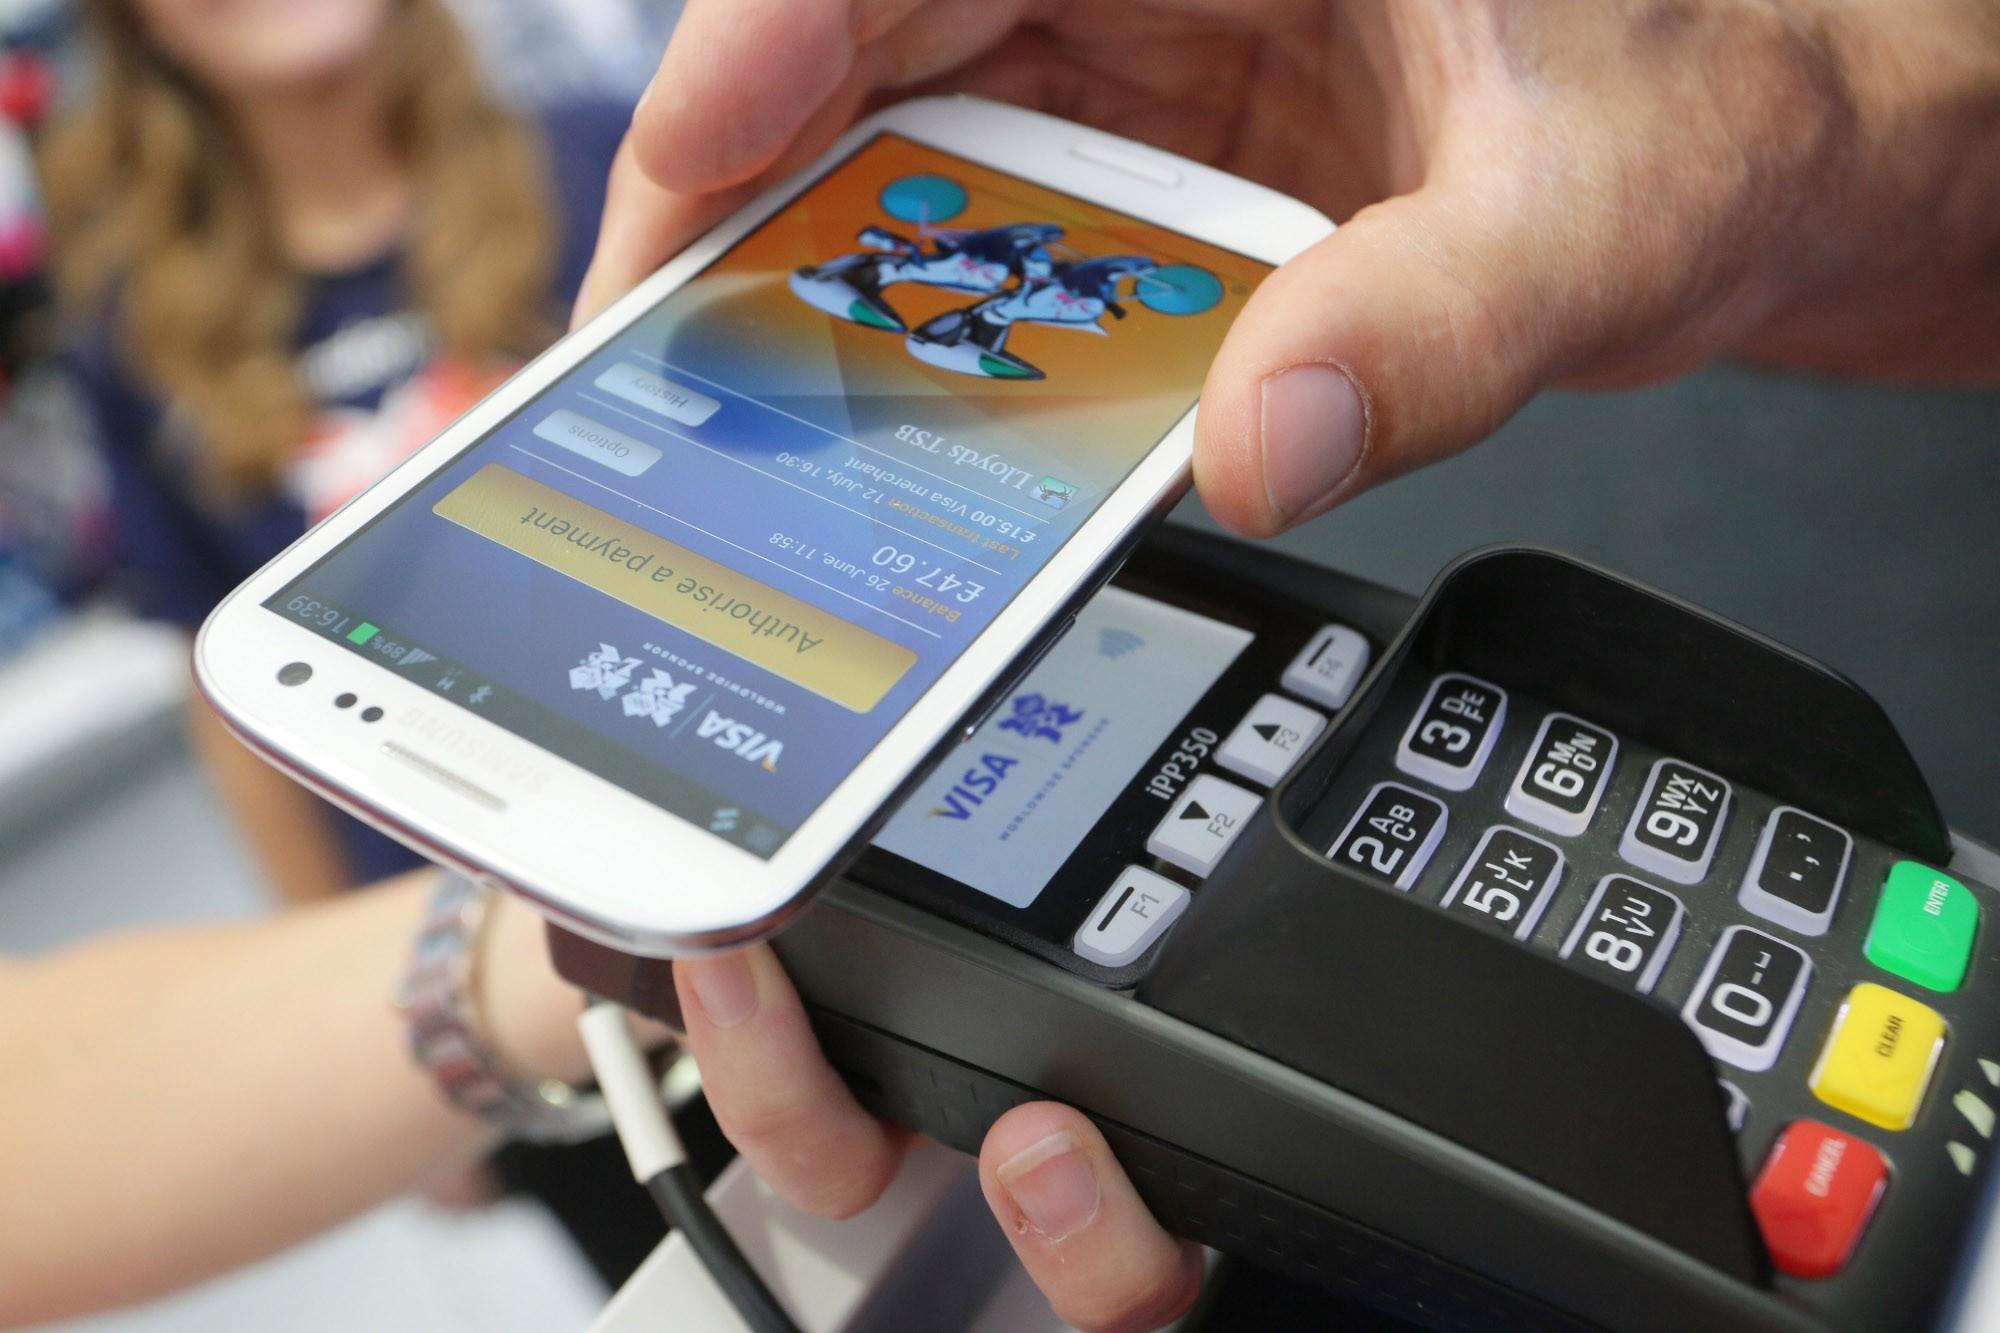 image005 - Nền tảng thanh toán điện tử Samsung sẽ song hành với Galaxy S6